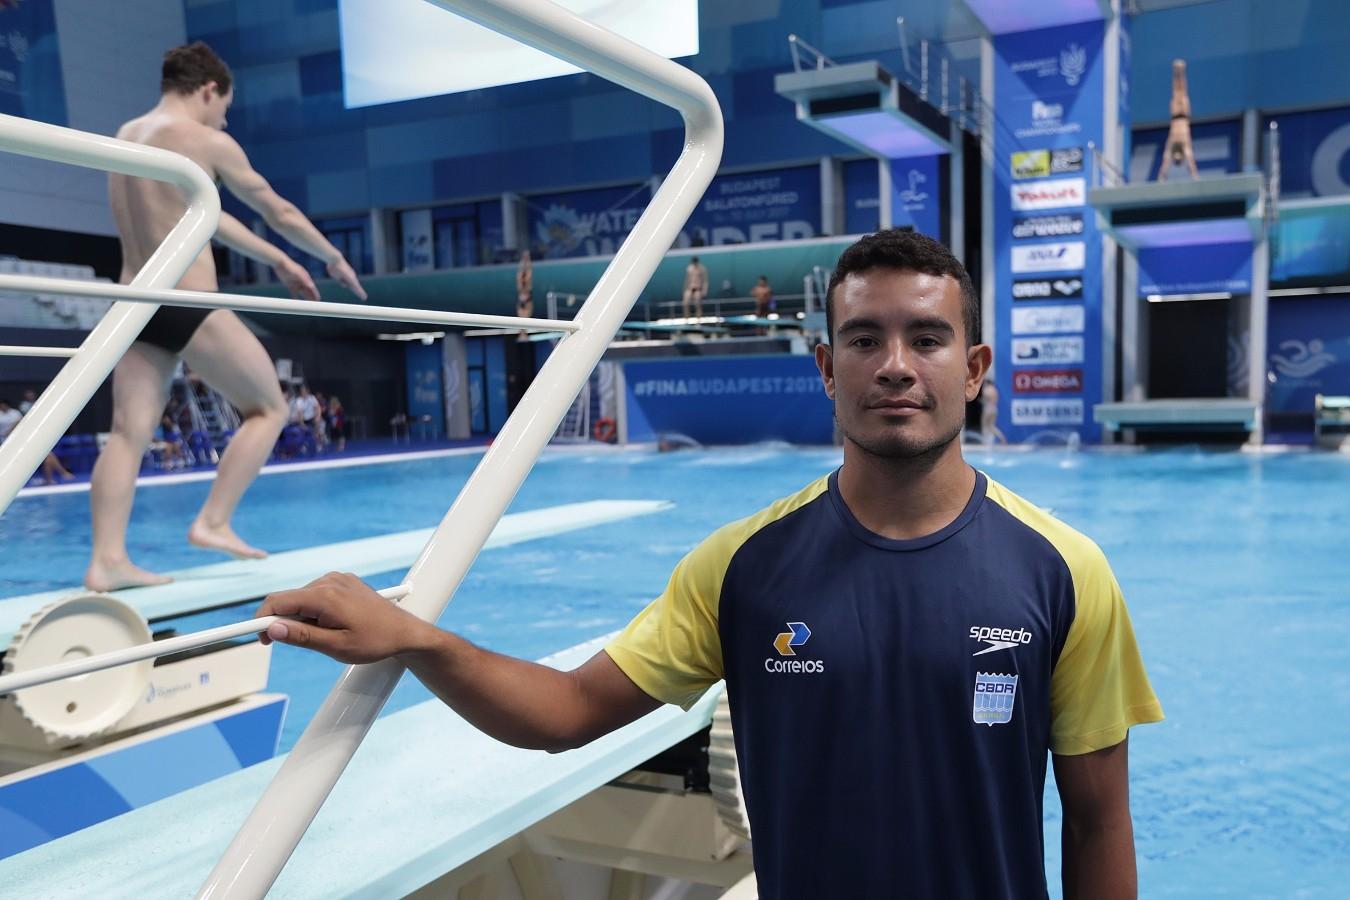 Ian Matos. Campeonato Mundial de Desportos Aquaticos. Duna Arena. 12 de Julho de 2017, Hungria, Budapeste. Foto: Satiro Sodré/SSPress/CBDA